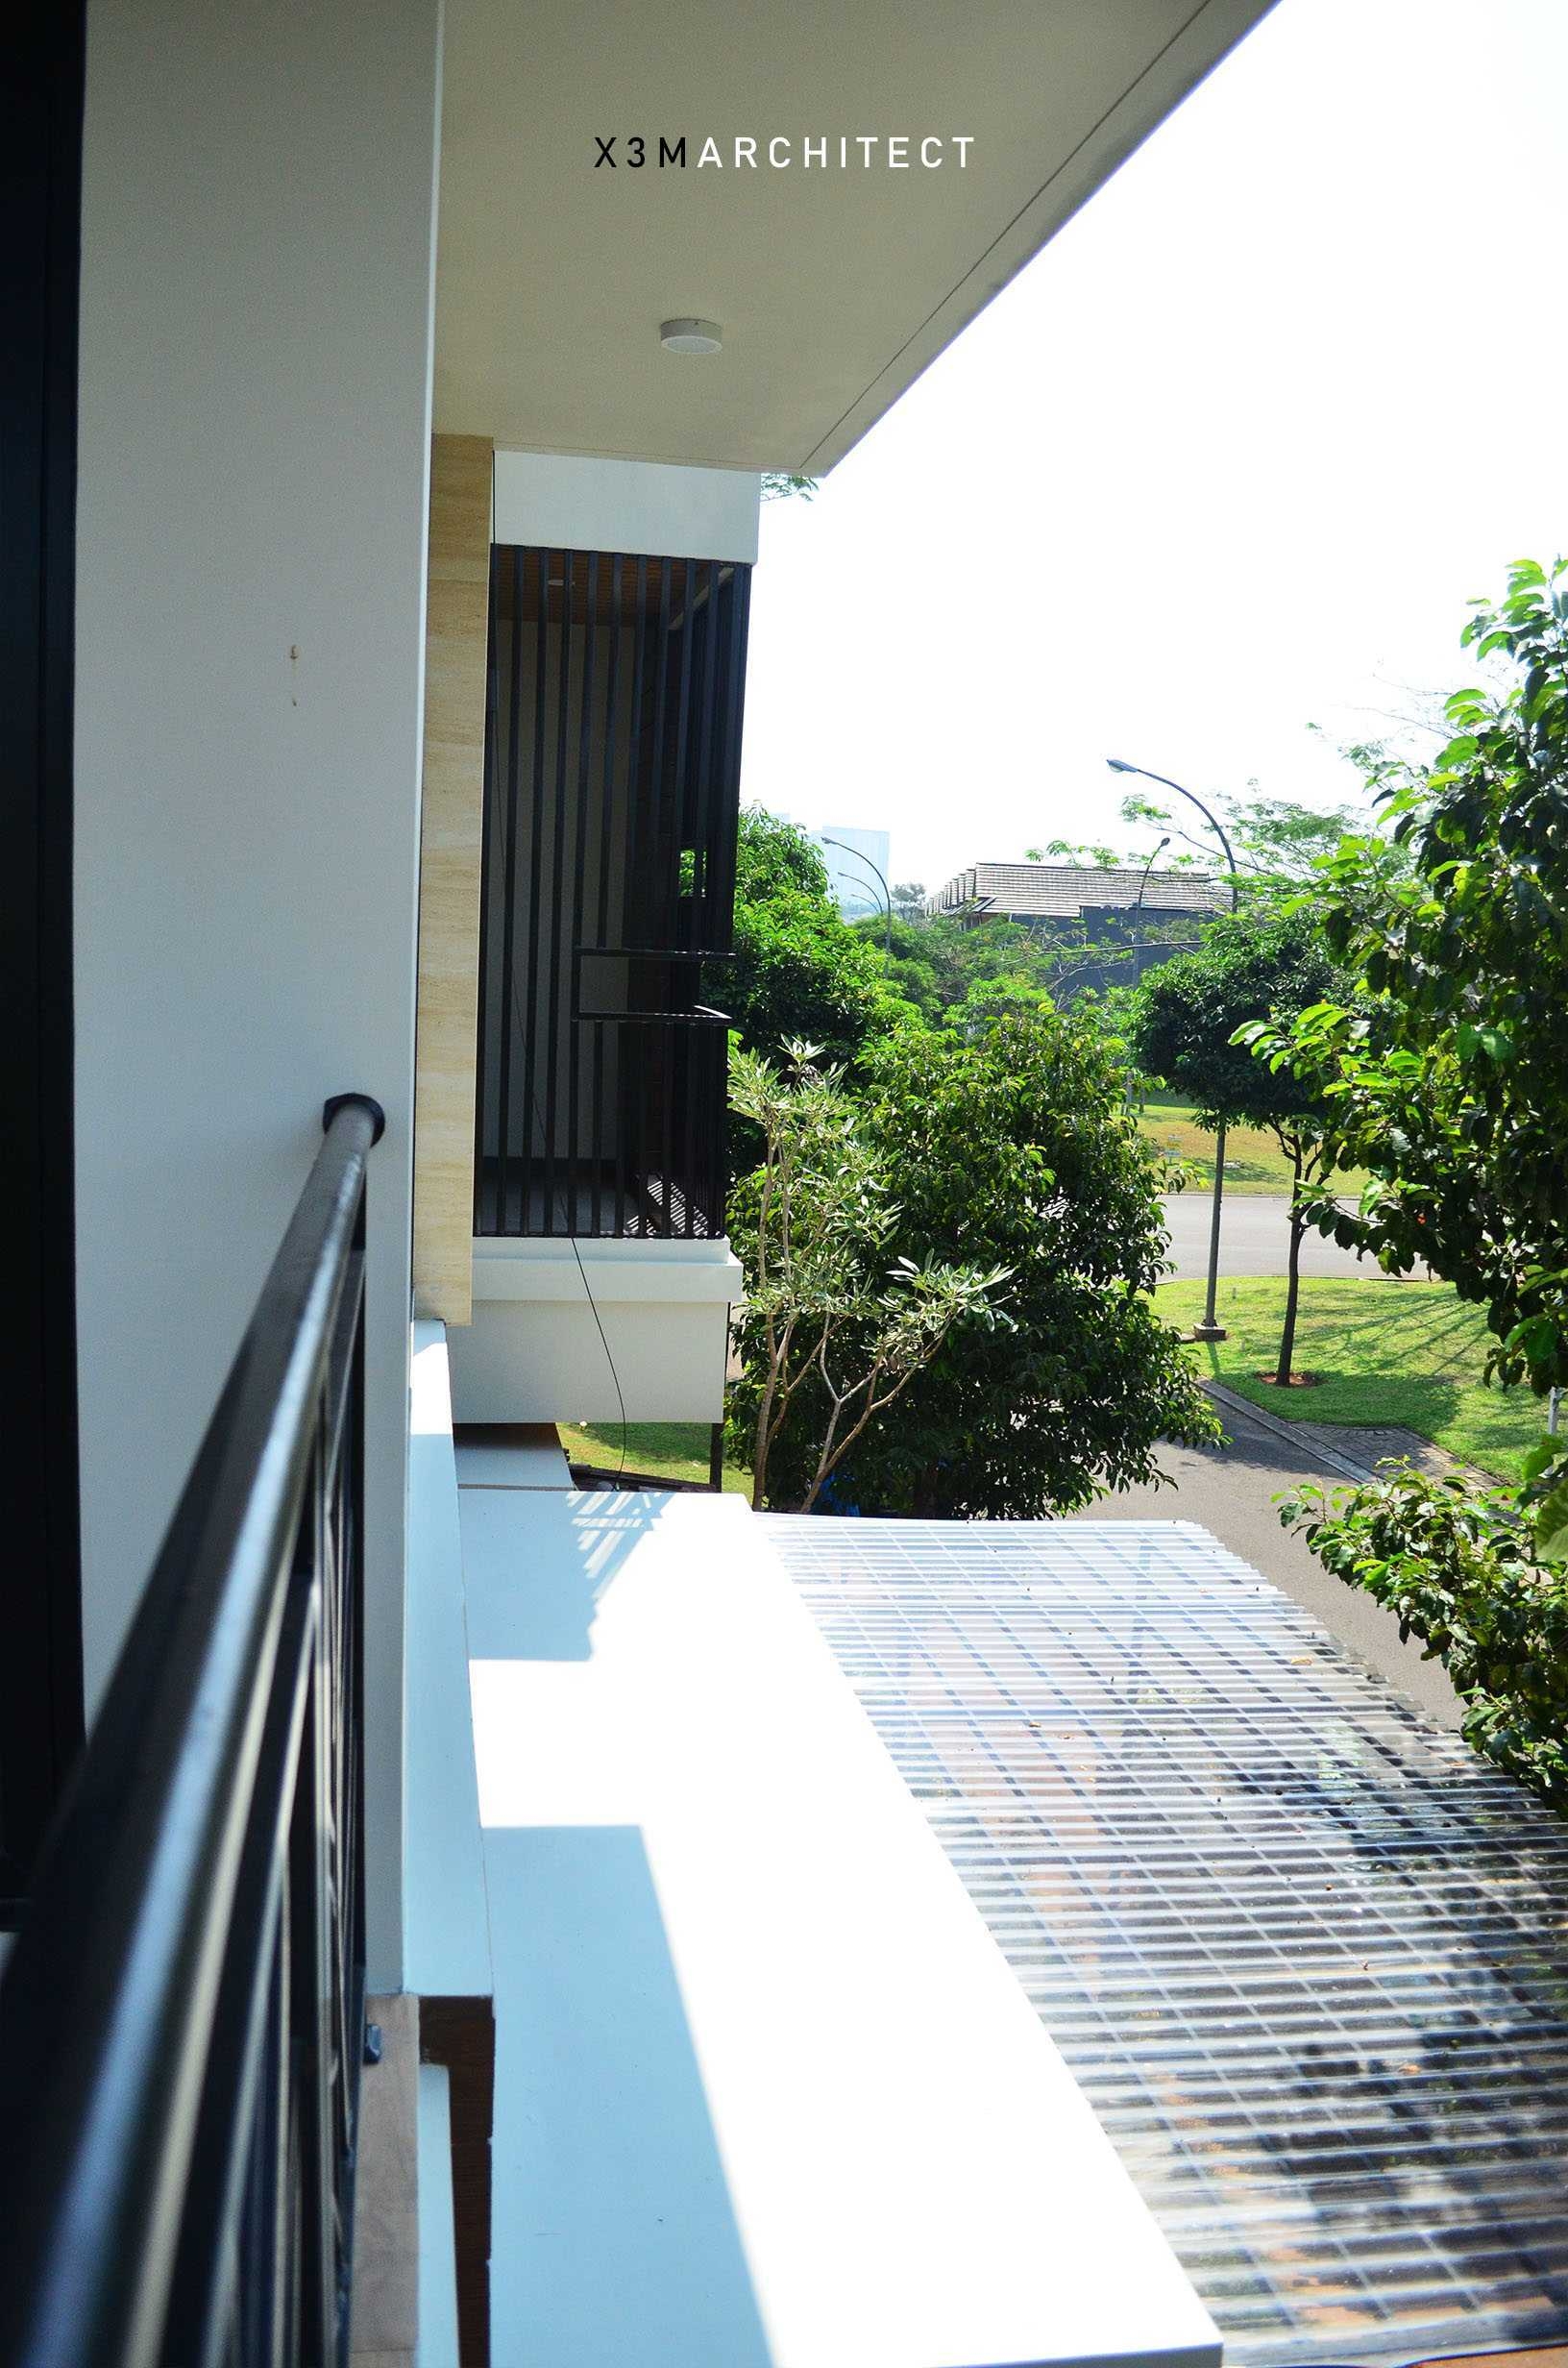 X3M Architects Nittaya A5 1 House Sampora, Kec. Cisauk, Tangerang, Banten 15345, Indonesia Sampora, Kec. Cisauk, Tangerang, Banten 15345, Indonesia X3M-Architects-Nittaya-A5-1   75975